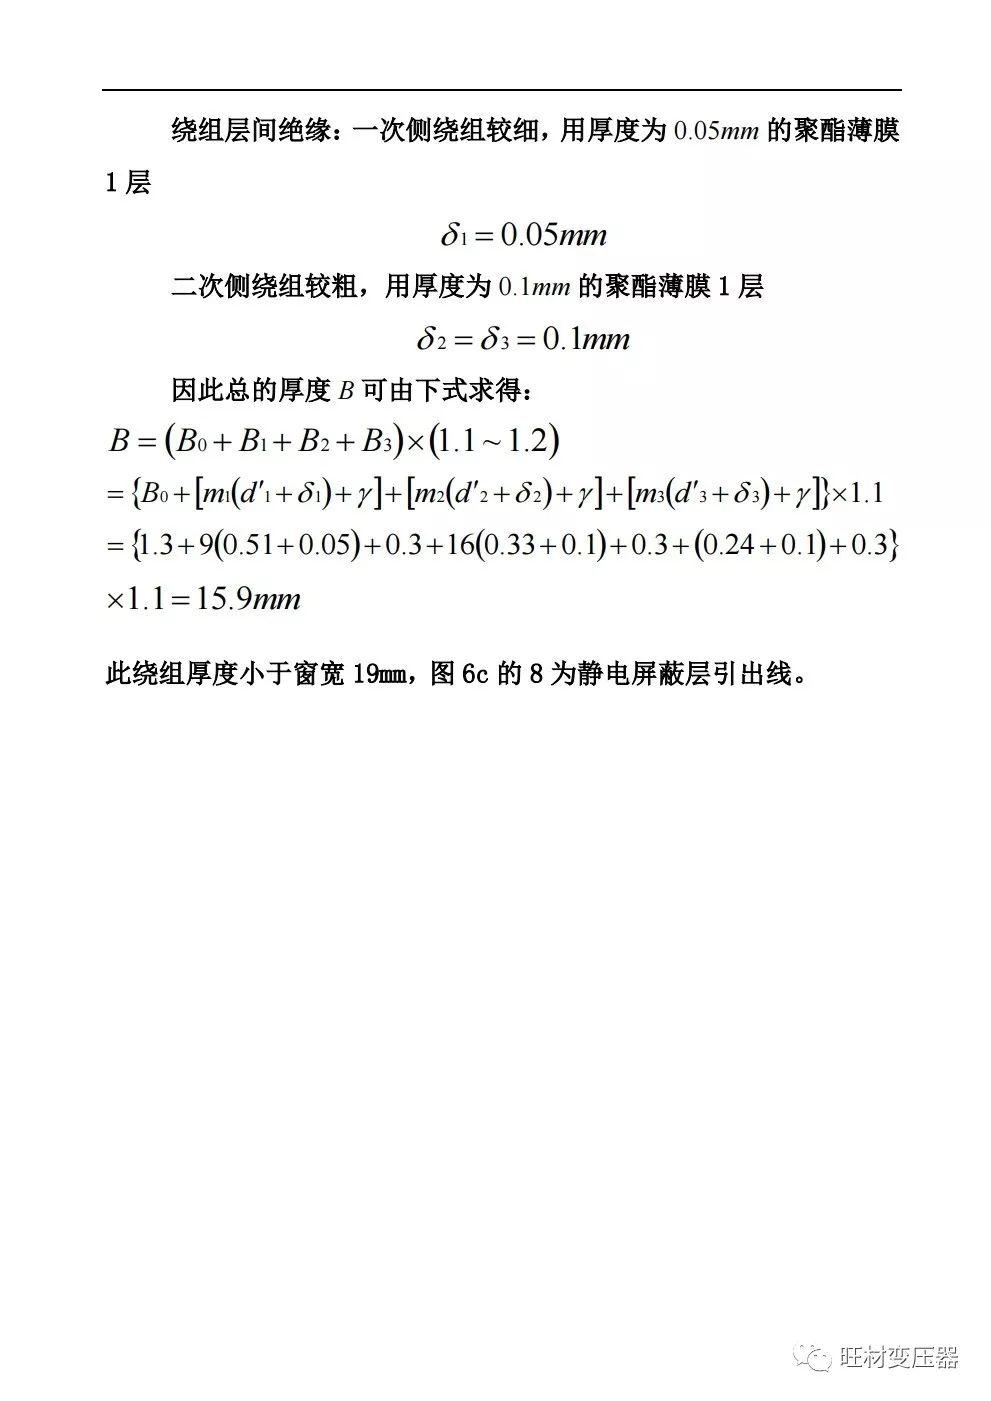 变压器常用数据计算实例_16